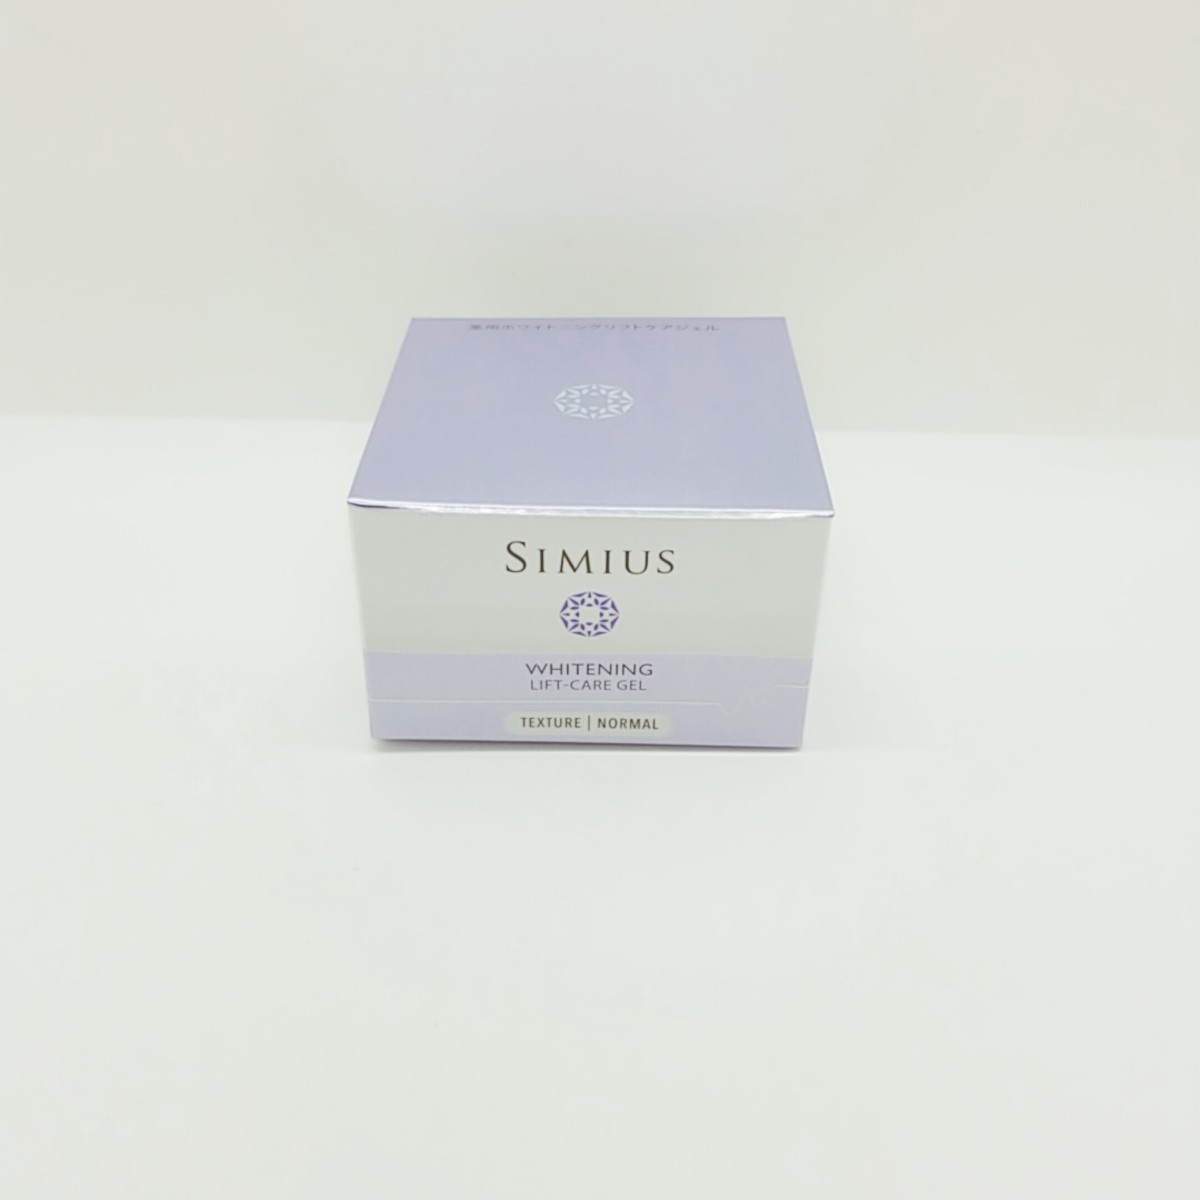 シミウス 薬用ホワイトニング リフトケアジェル《保湿ジェルクリーム》 60g